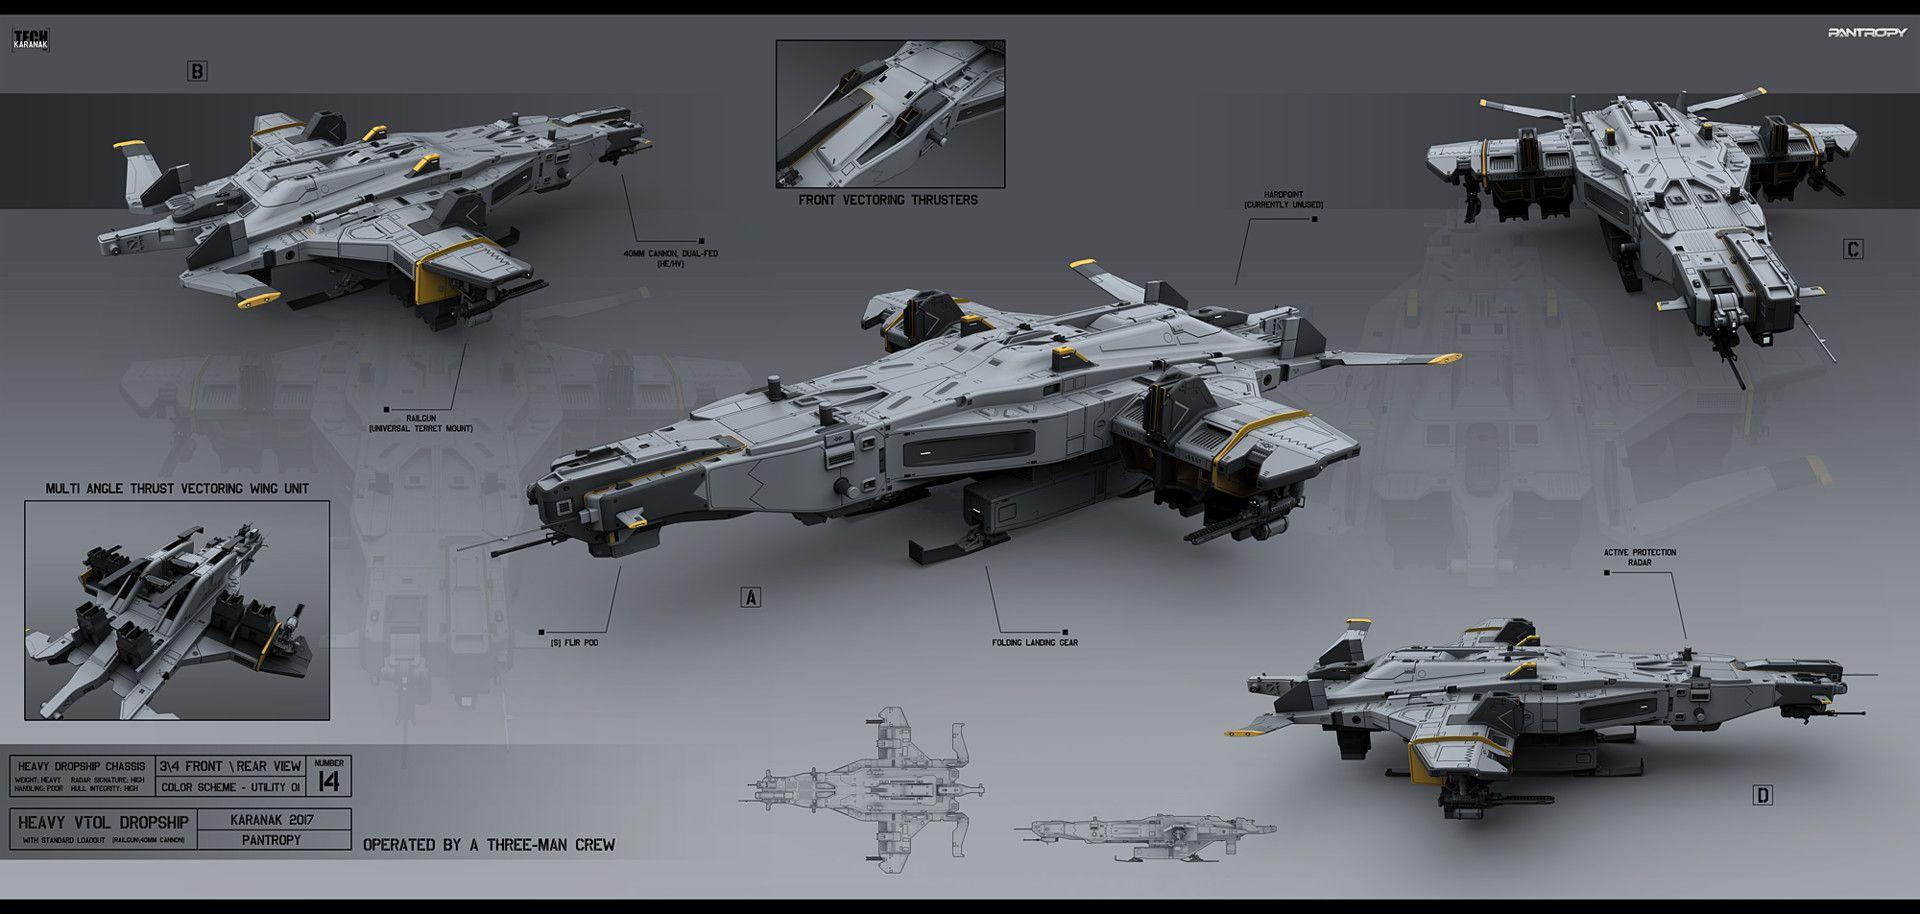 ArtStation - Heavy VTOL Dropship, Alexey Pyatov ...